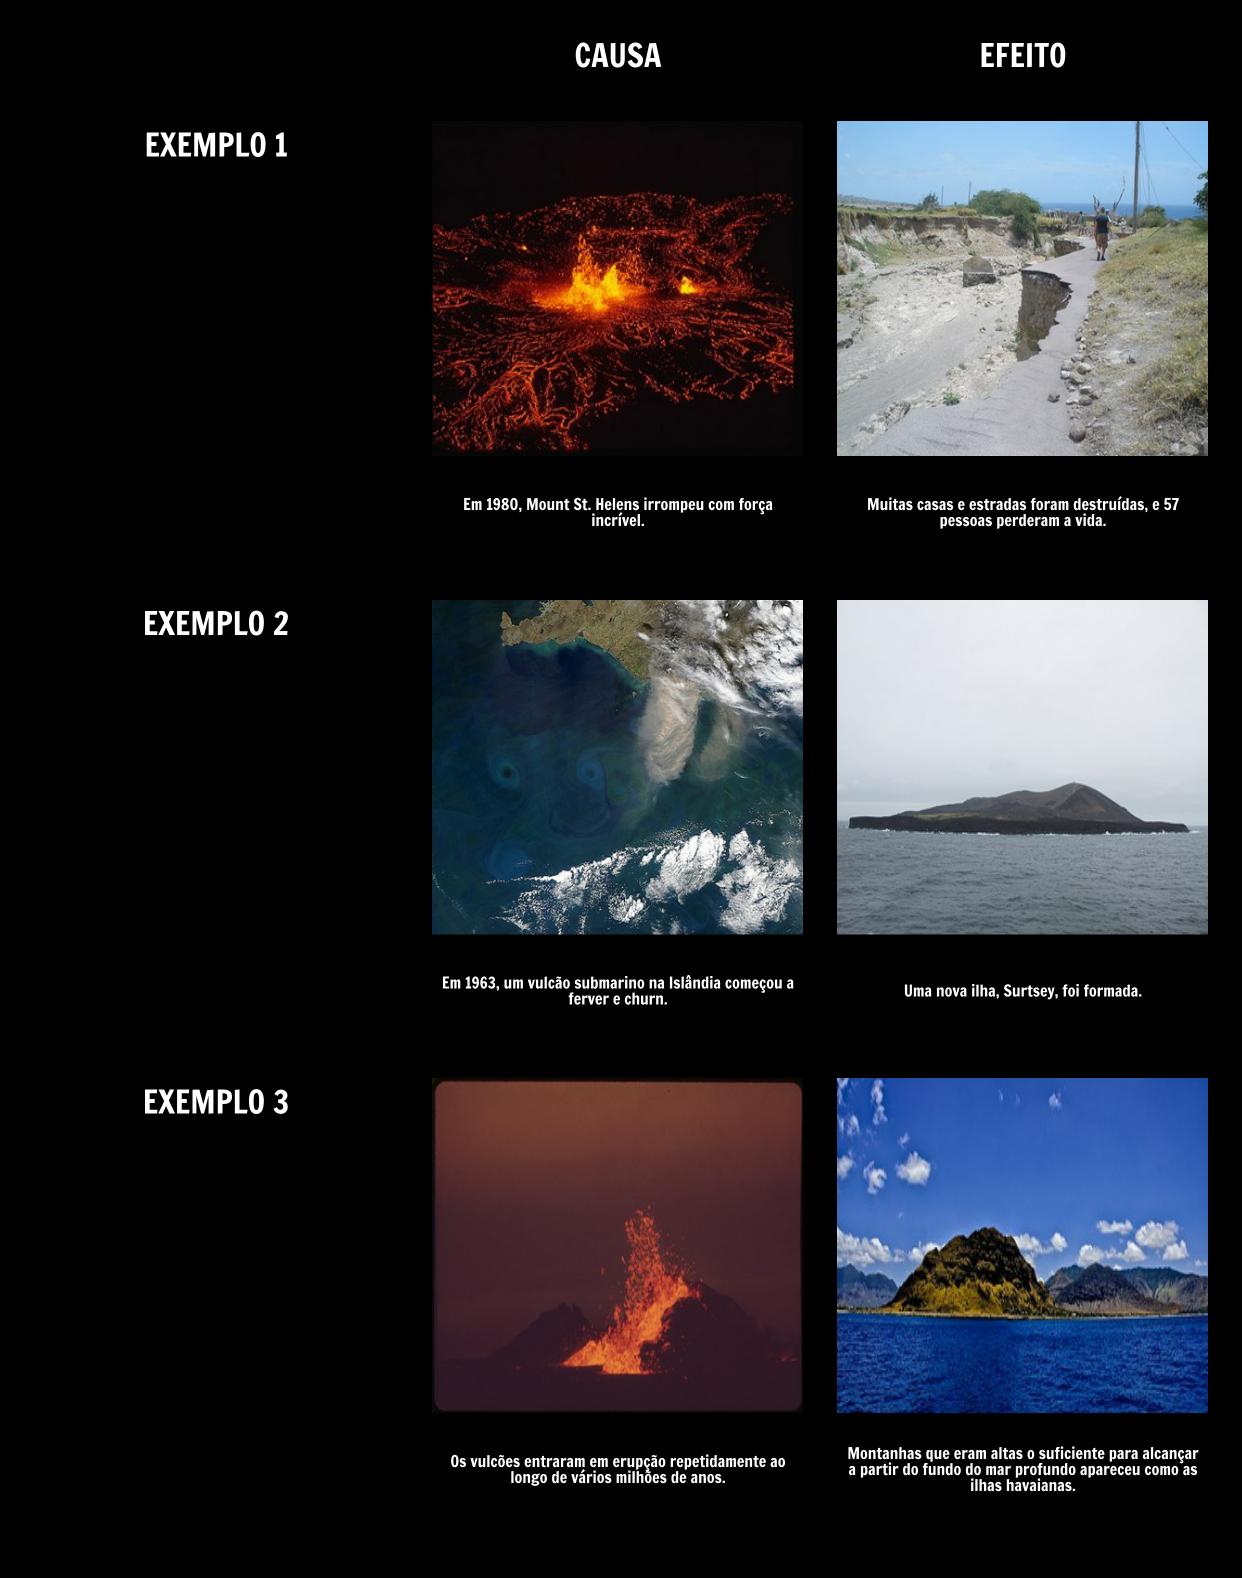 Vulcões Causa & Efeito